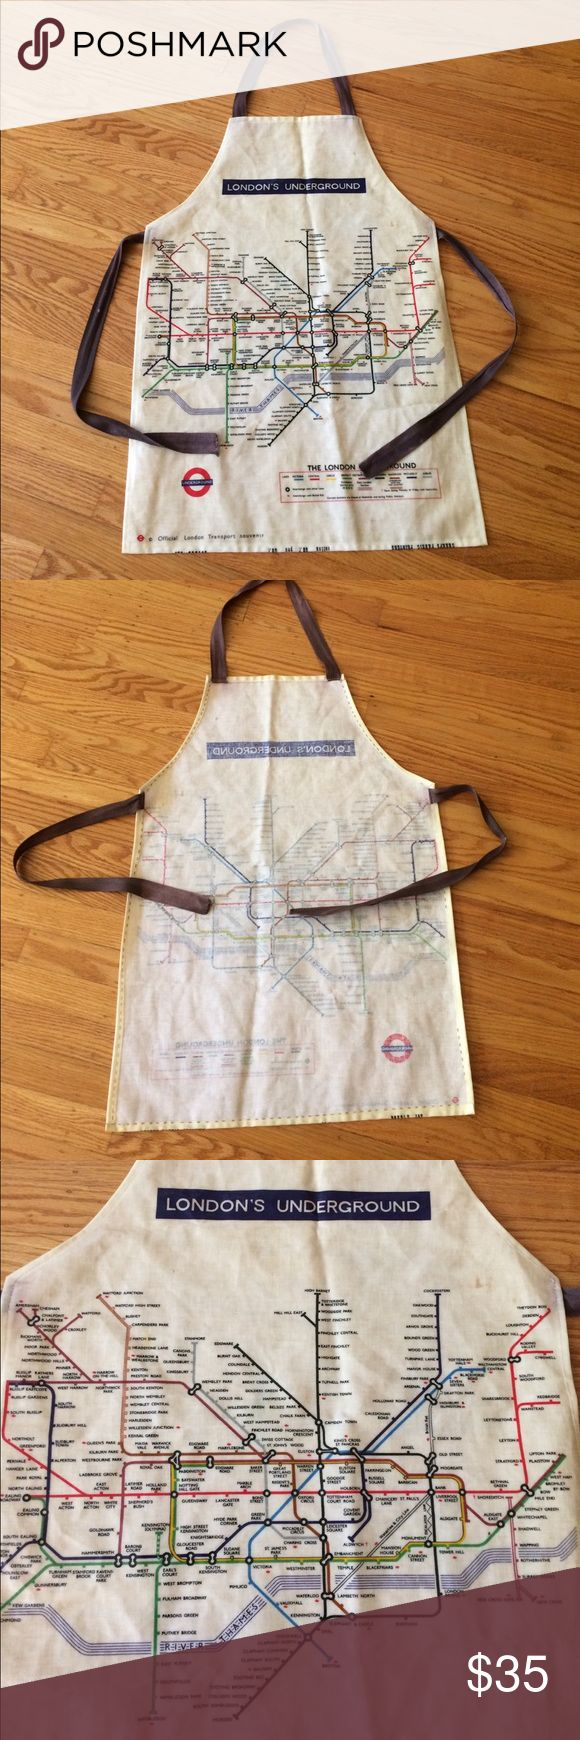 White apron london -  Vintage Fun London Transport Souvenir Apron An Awesome Conversation Piece Check